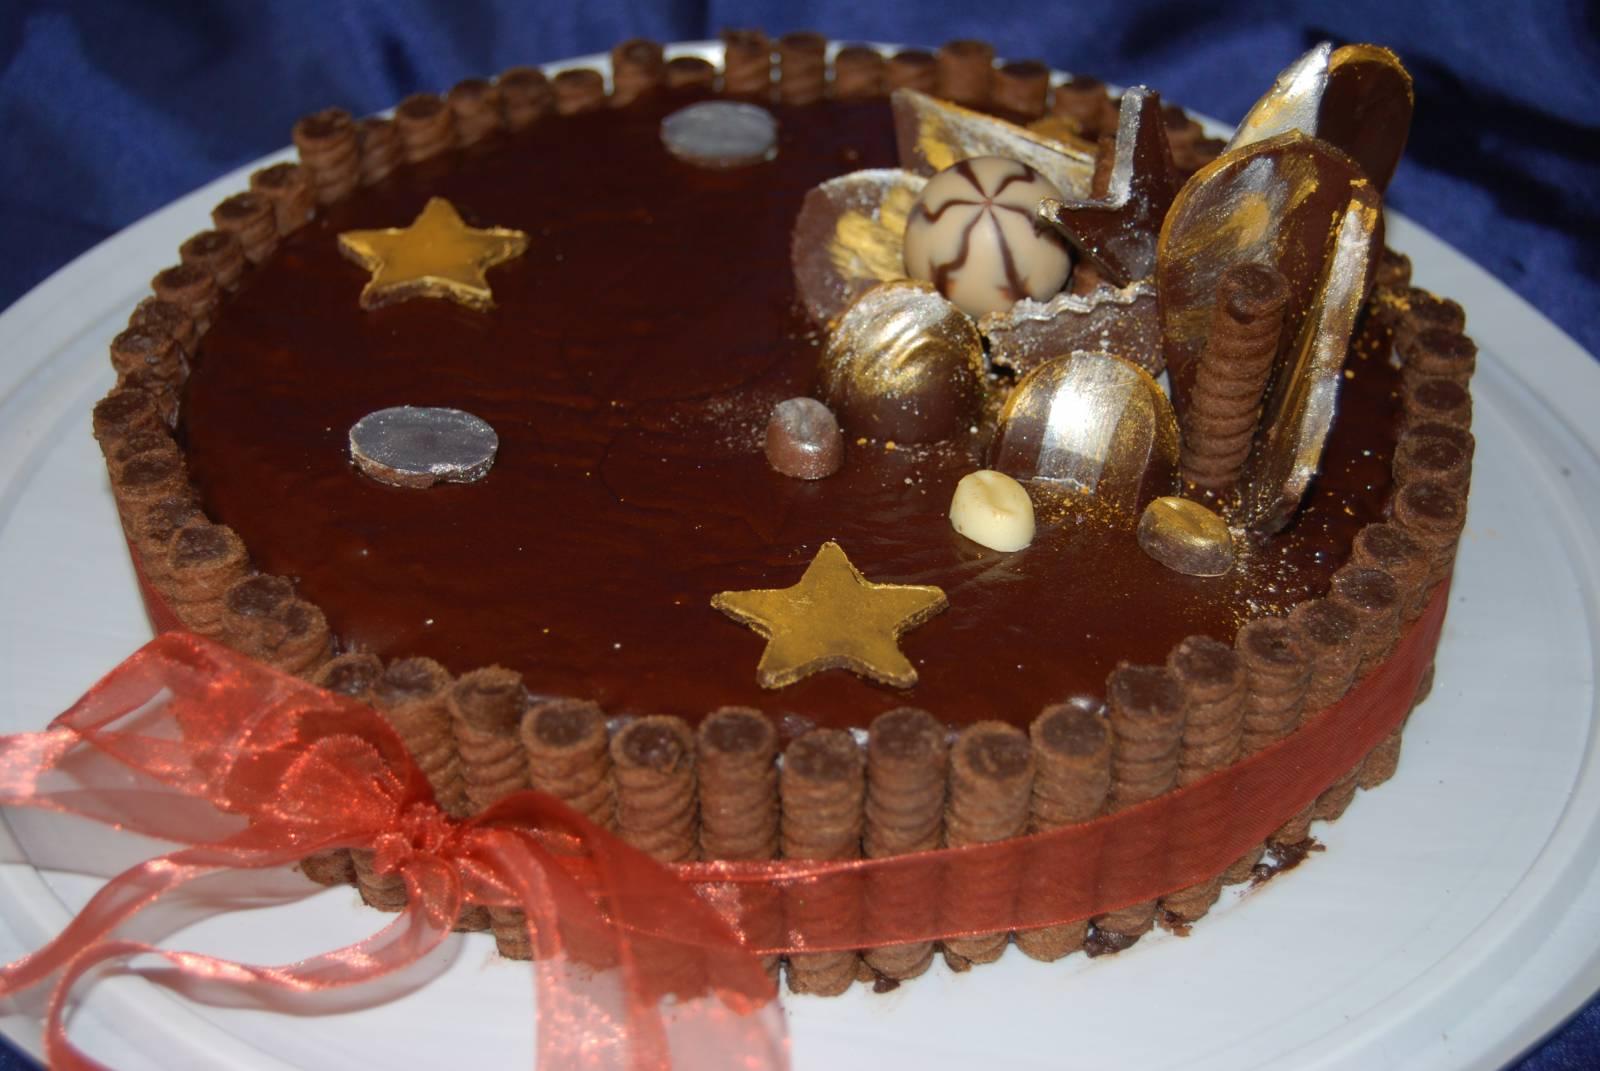 Карамель для торта рецепт с фото, пошаговое приготовление 35